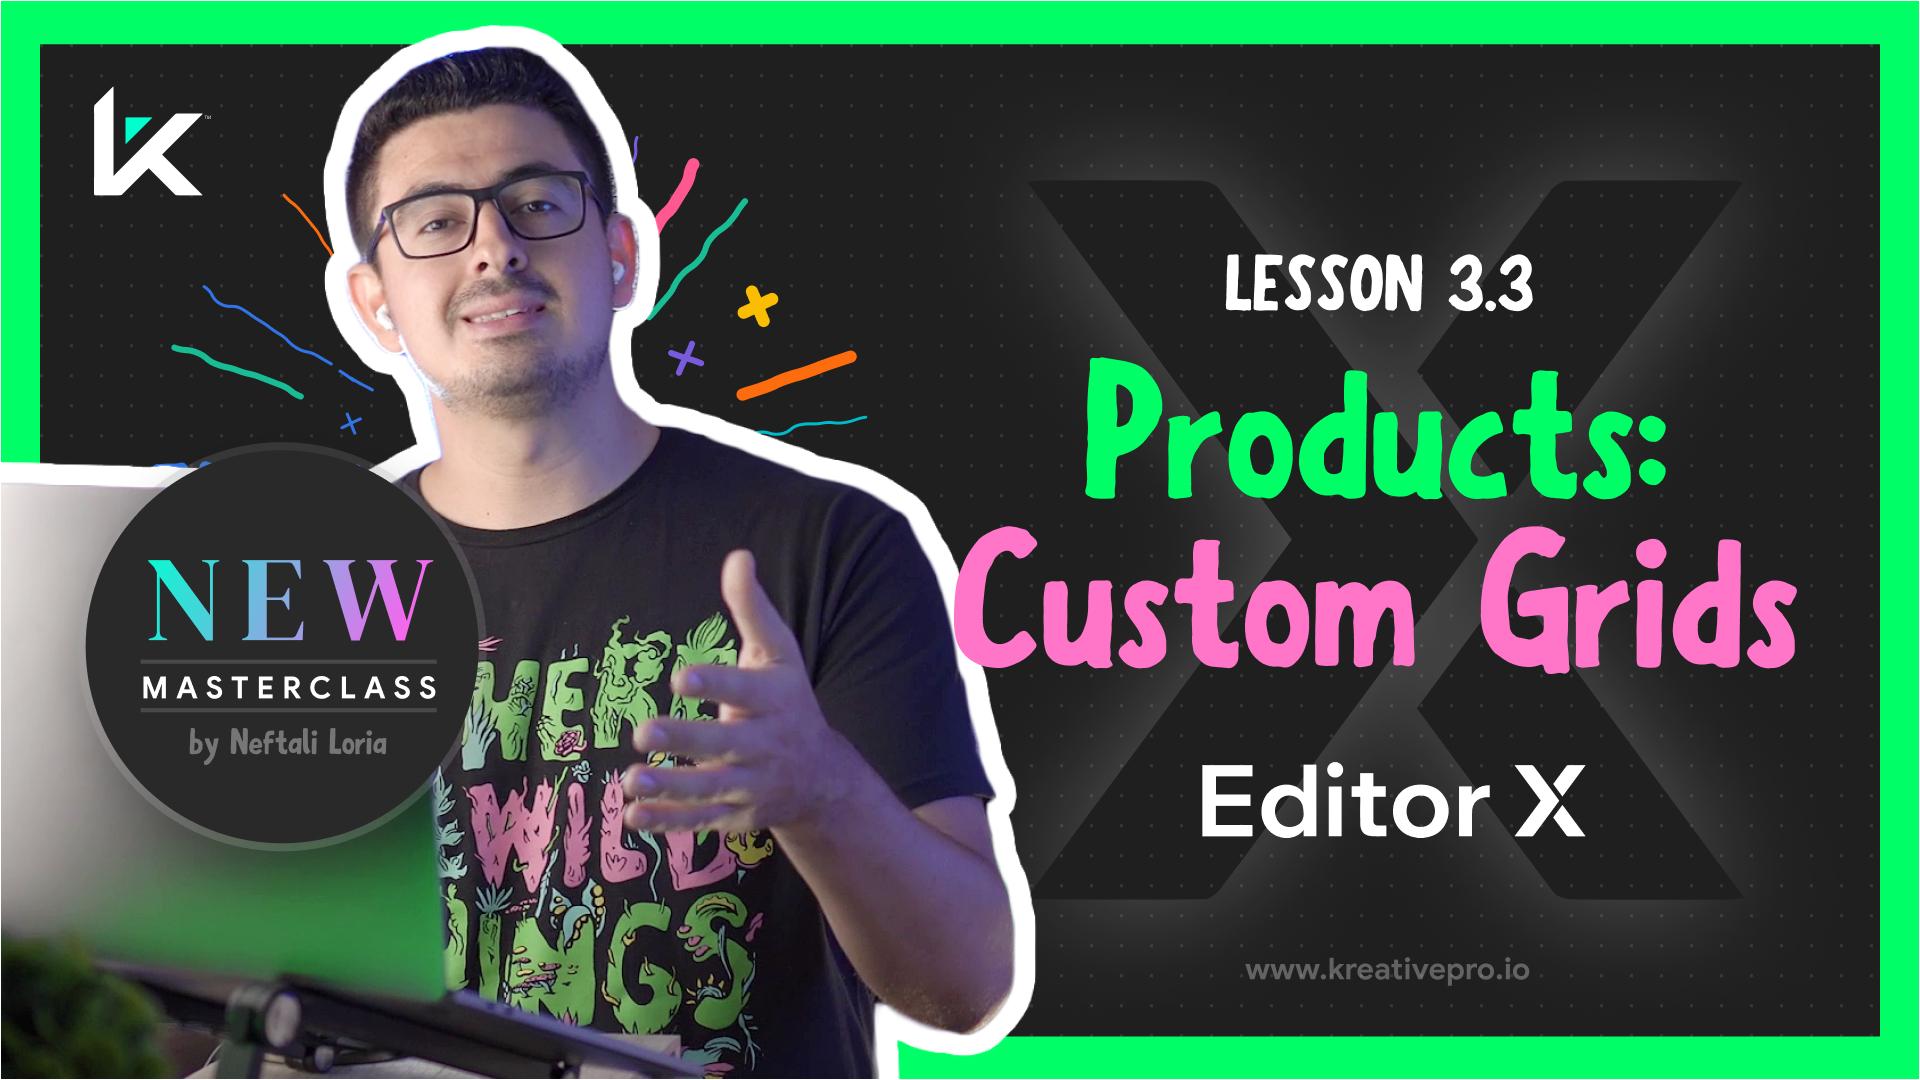 Editor X 3.3 - Editor X Custom Grids